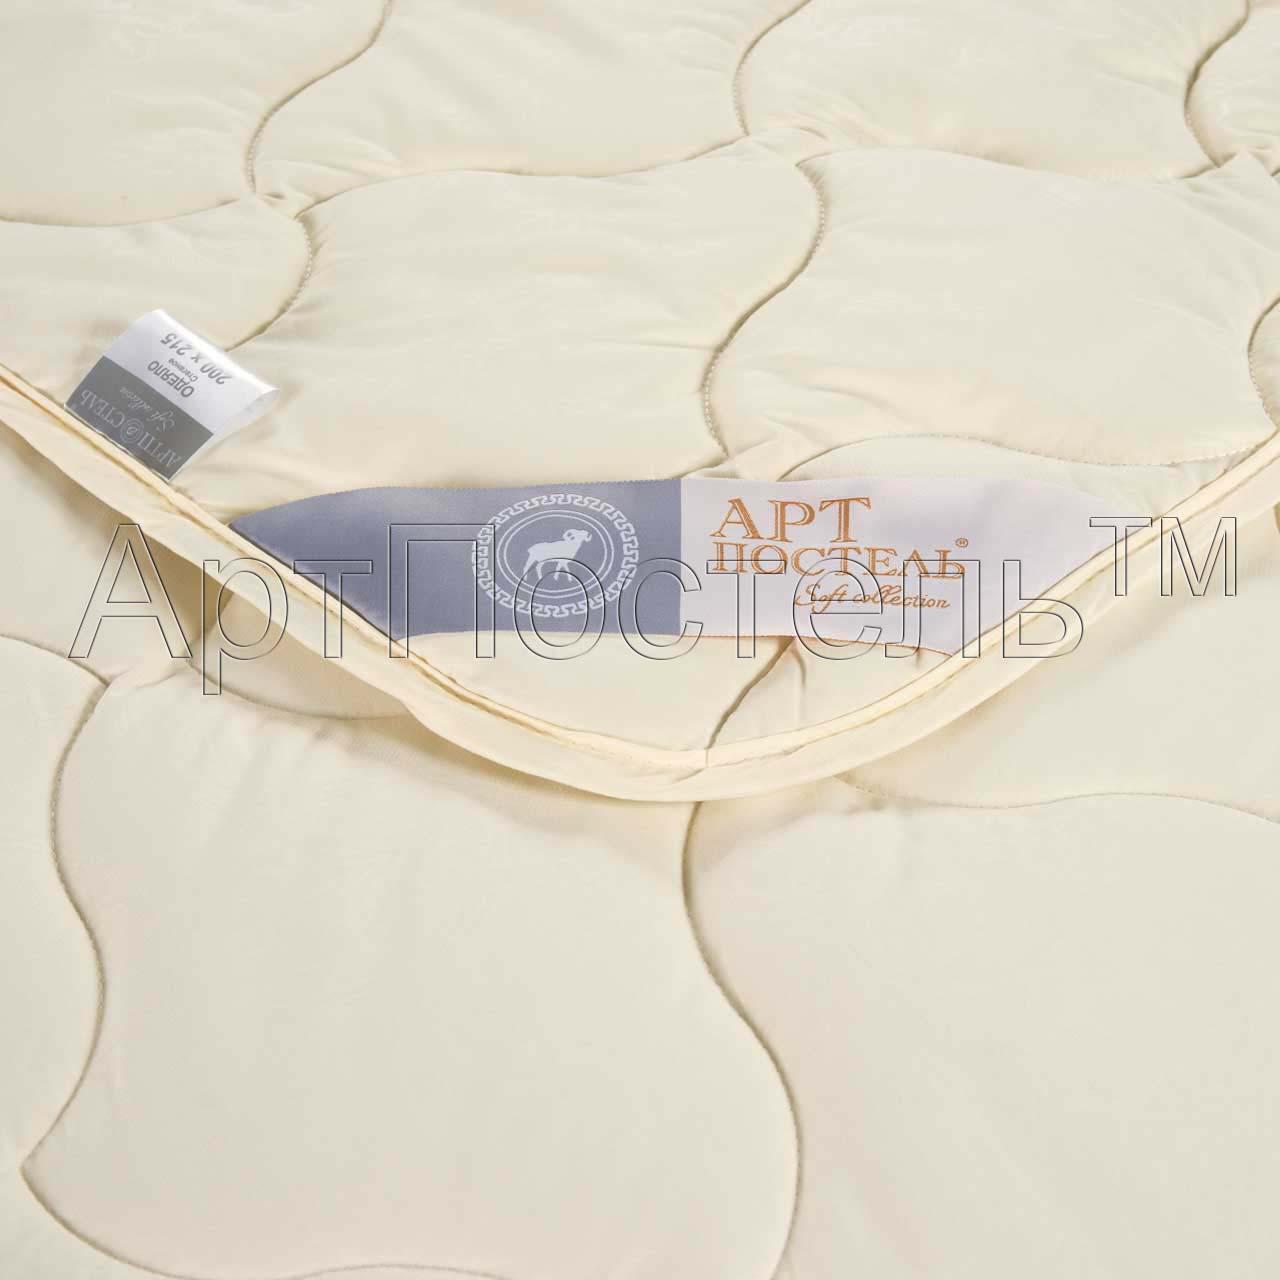 Одеяло Меринос Soft Collection Light, размер Детское (110х140 см)Одеяла<br>Длина :140 см<br>Ширина:110 см<br>Чехол:Стеганое, с окаймляющей лентой<br>Плотность ткани:115 г/кв. м<br>Плотность наполнителя:200 г/кв. м<br><br>Тип: Одеяло<br>Размер: 110х140<br>Материал: Овечья шерсть